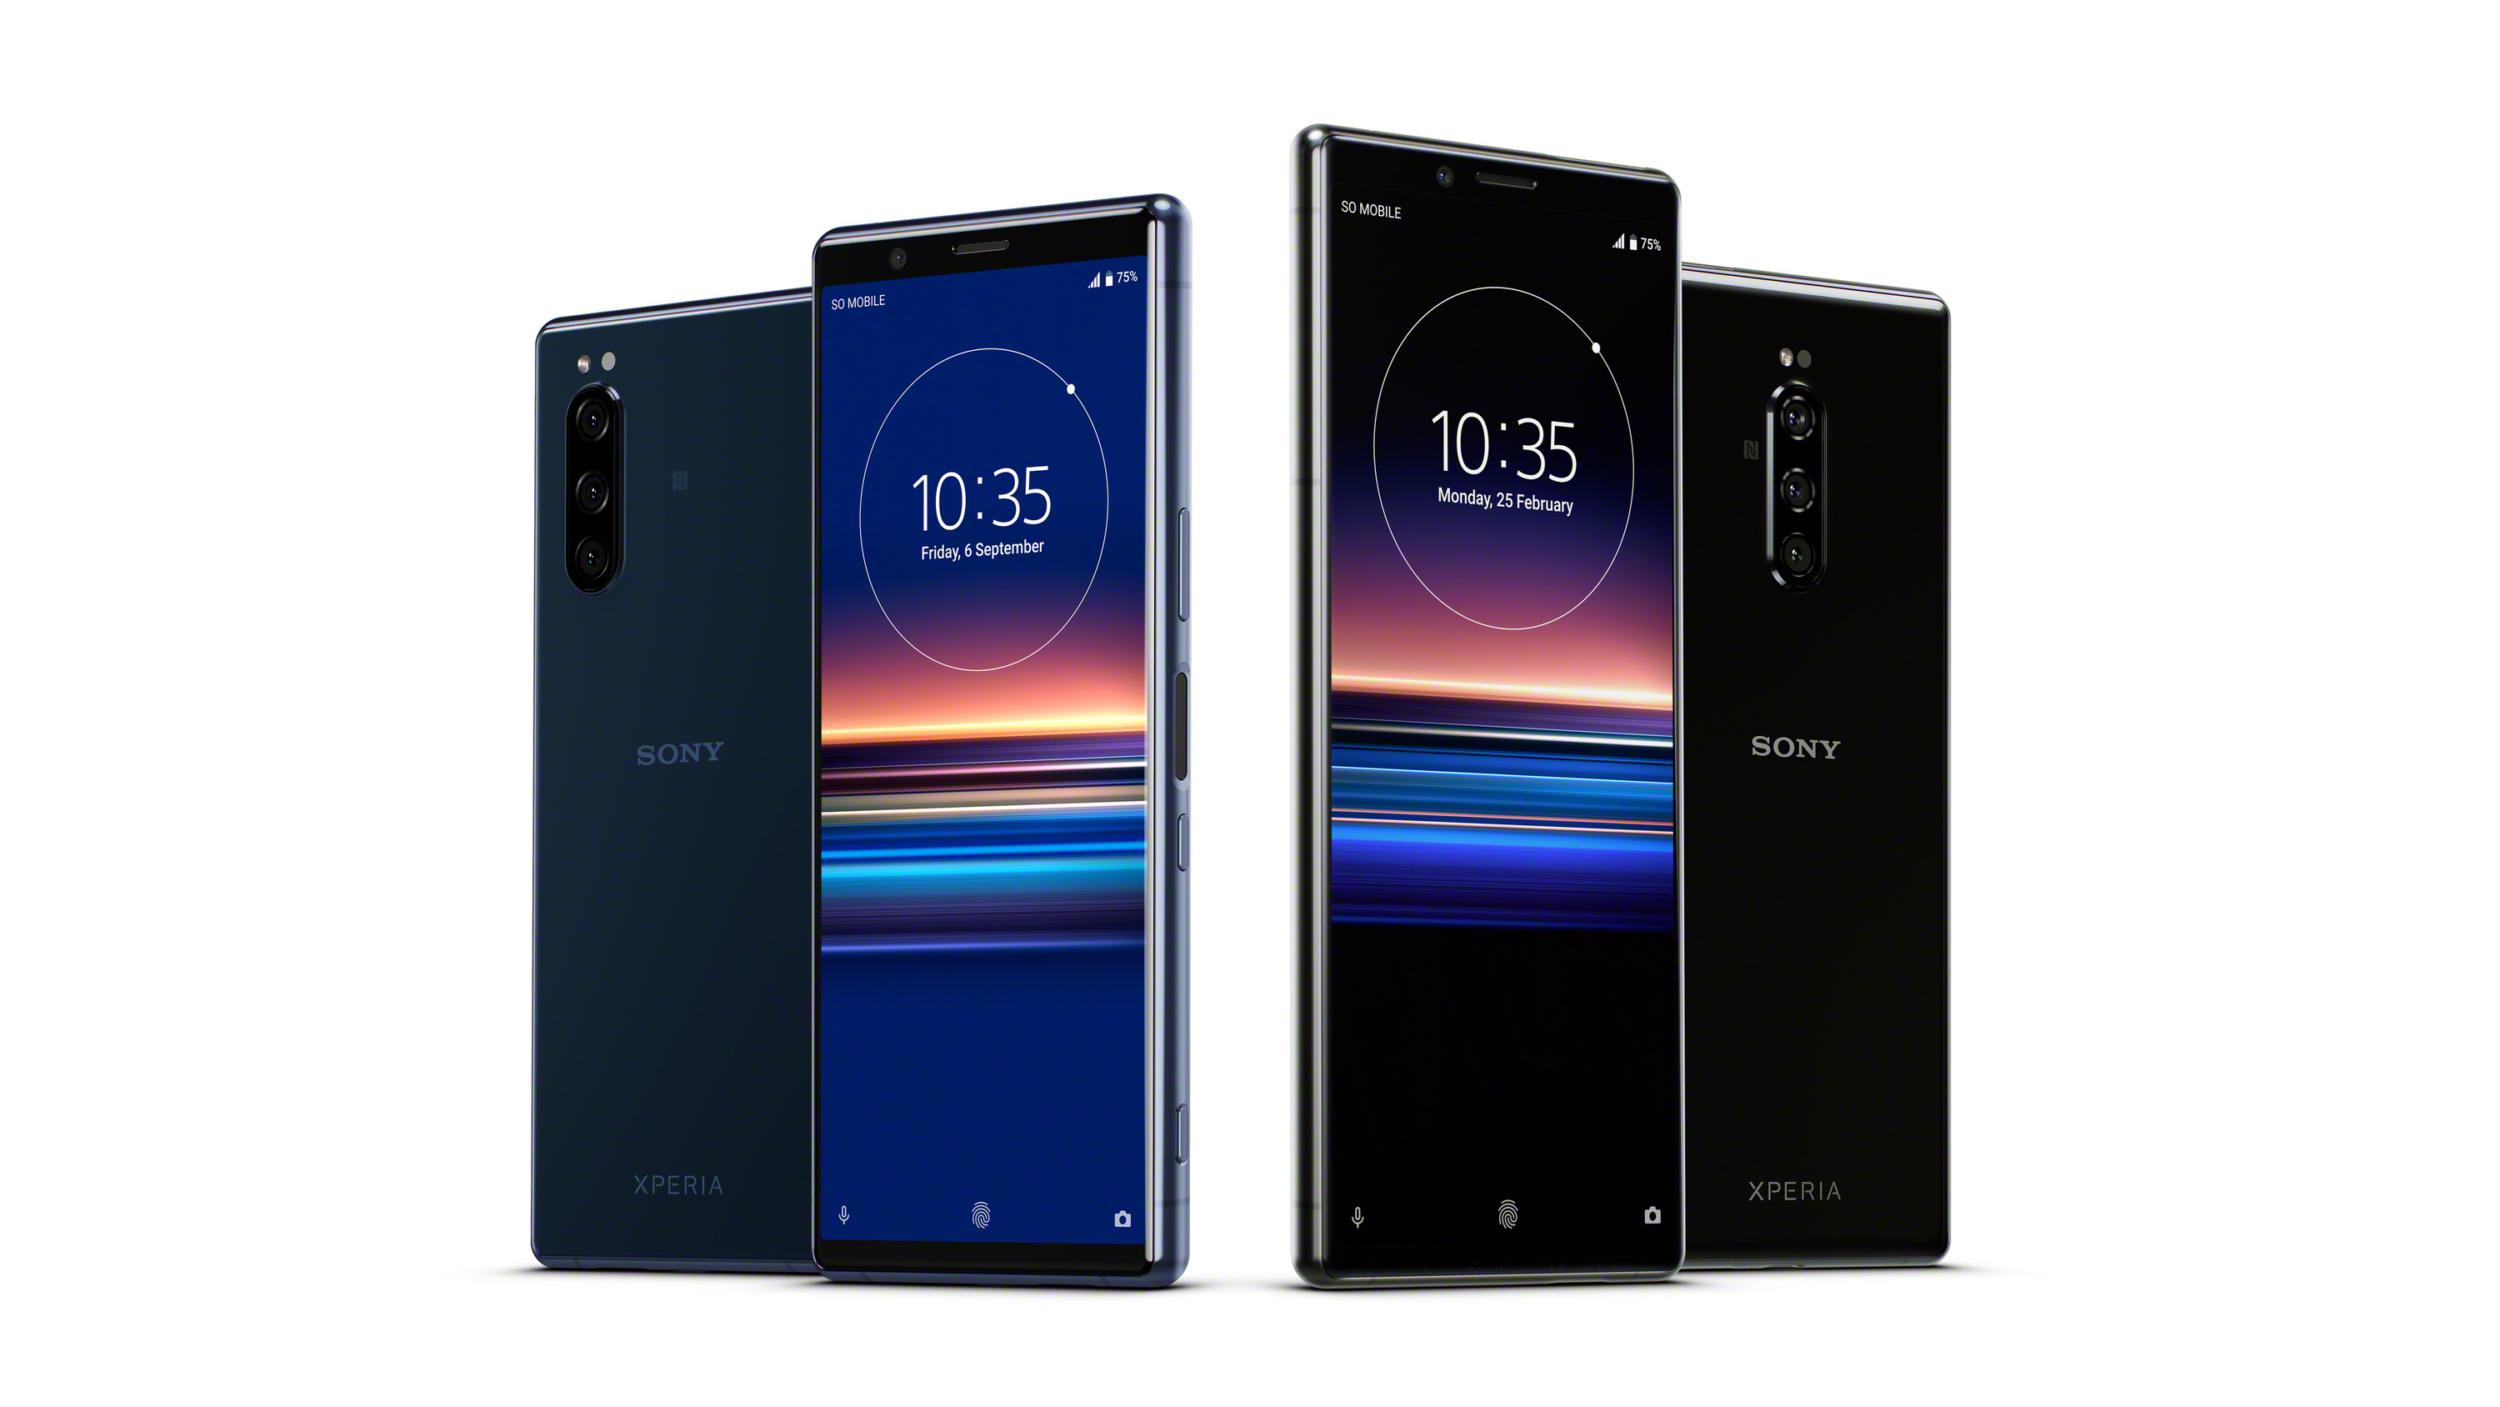 Sony Xperia 5 představena, přijde na 19 990 Kč [IFA]